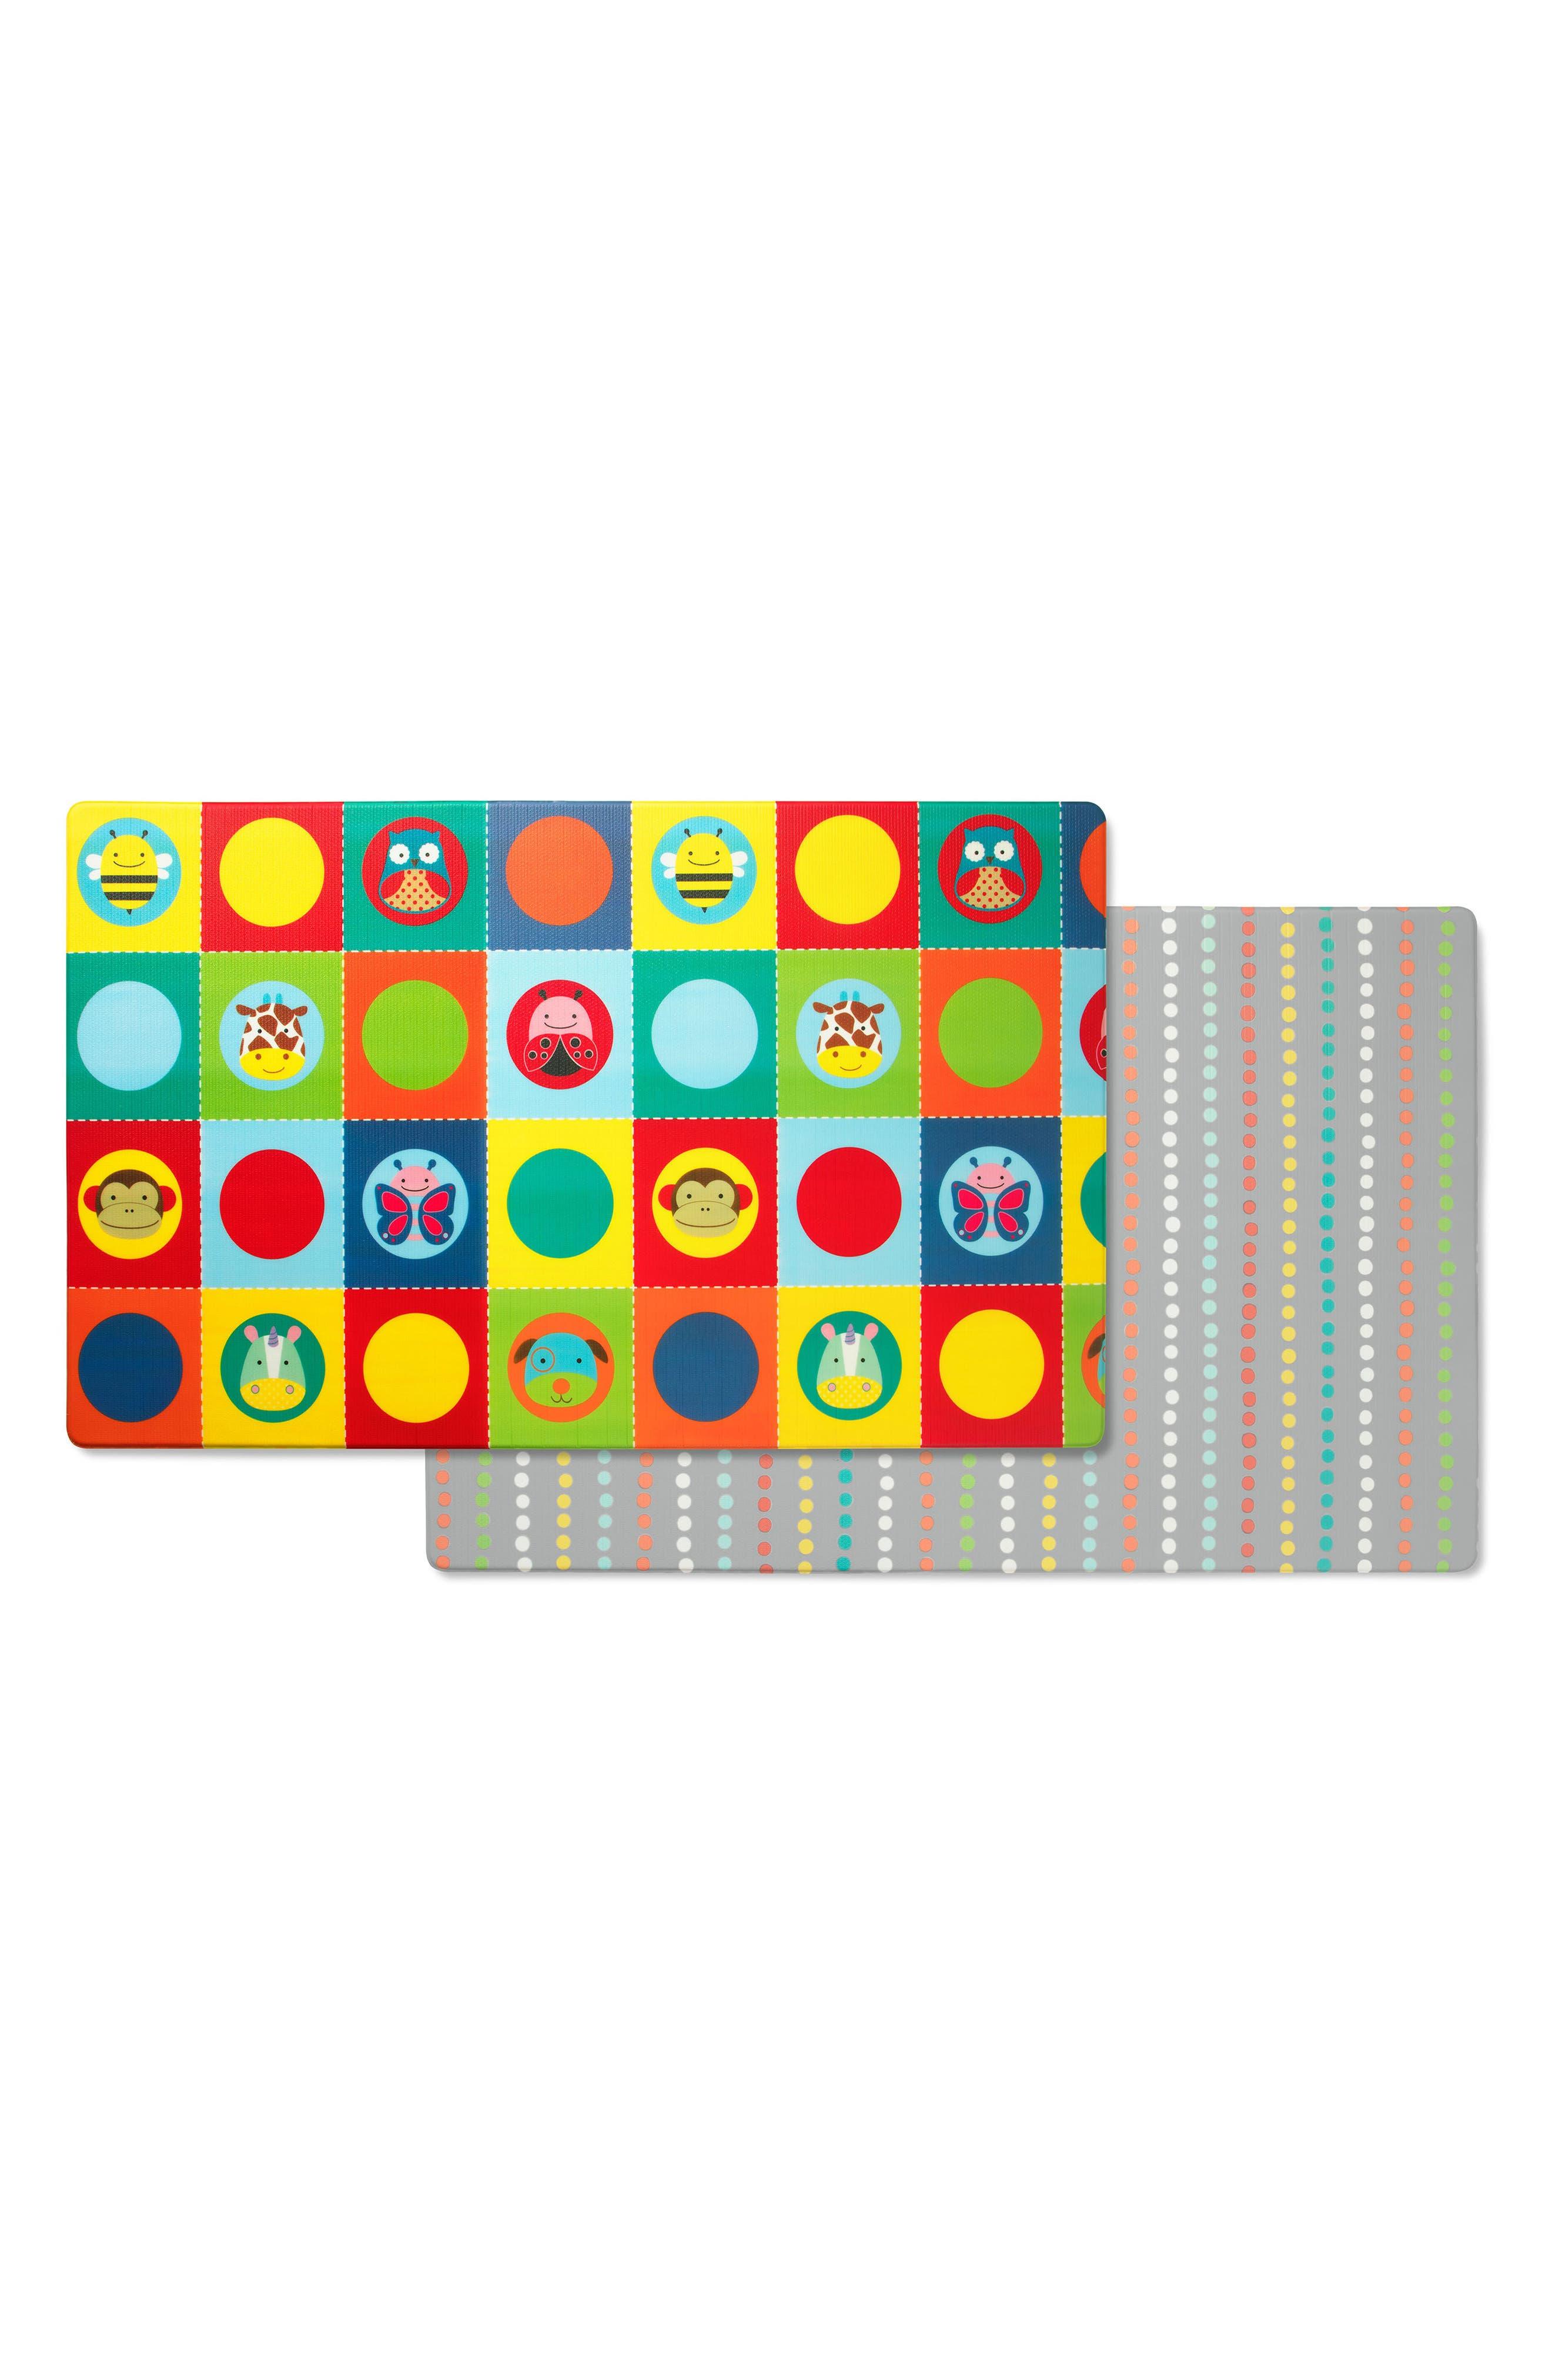 Zoo Reversible Jumbo Foam Playmat,                             Main thumbnail 1, color,                             600